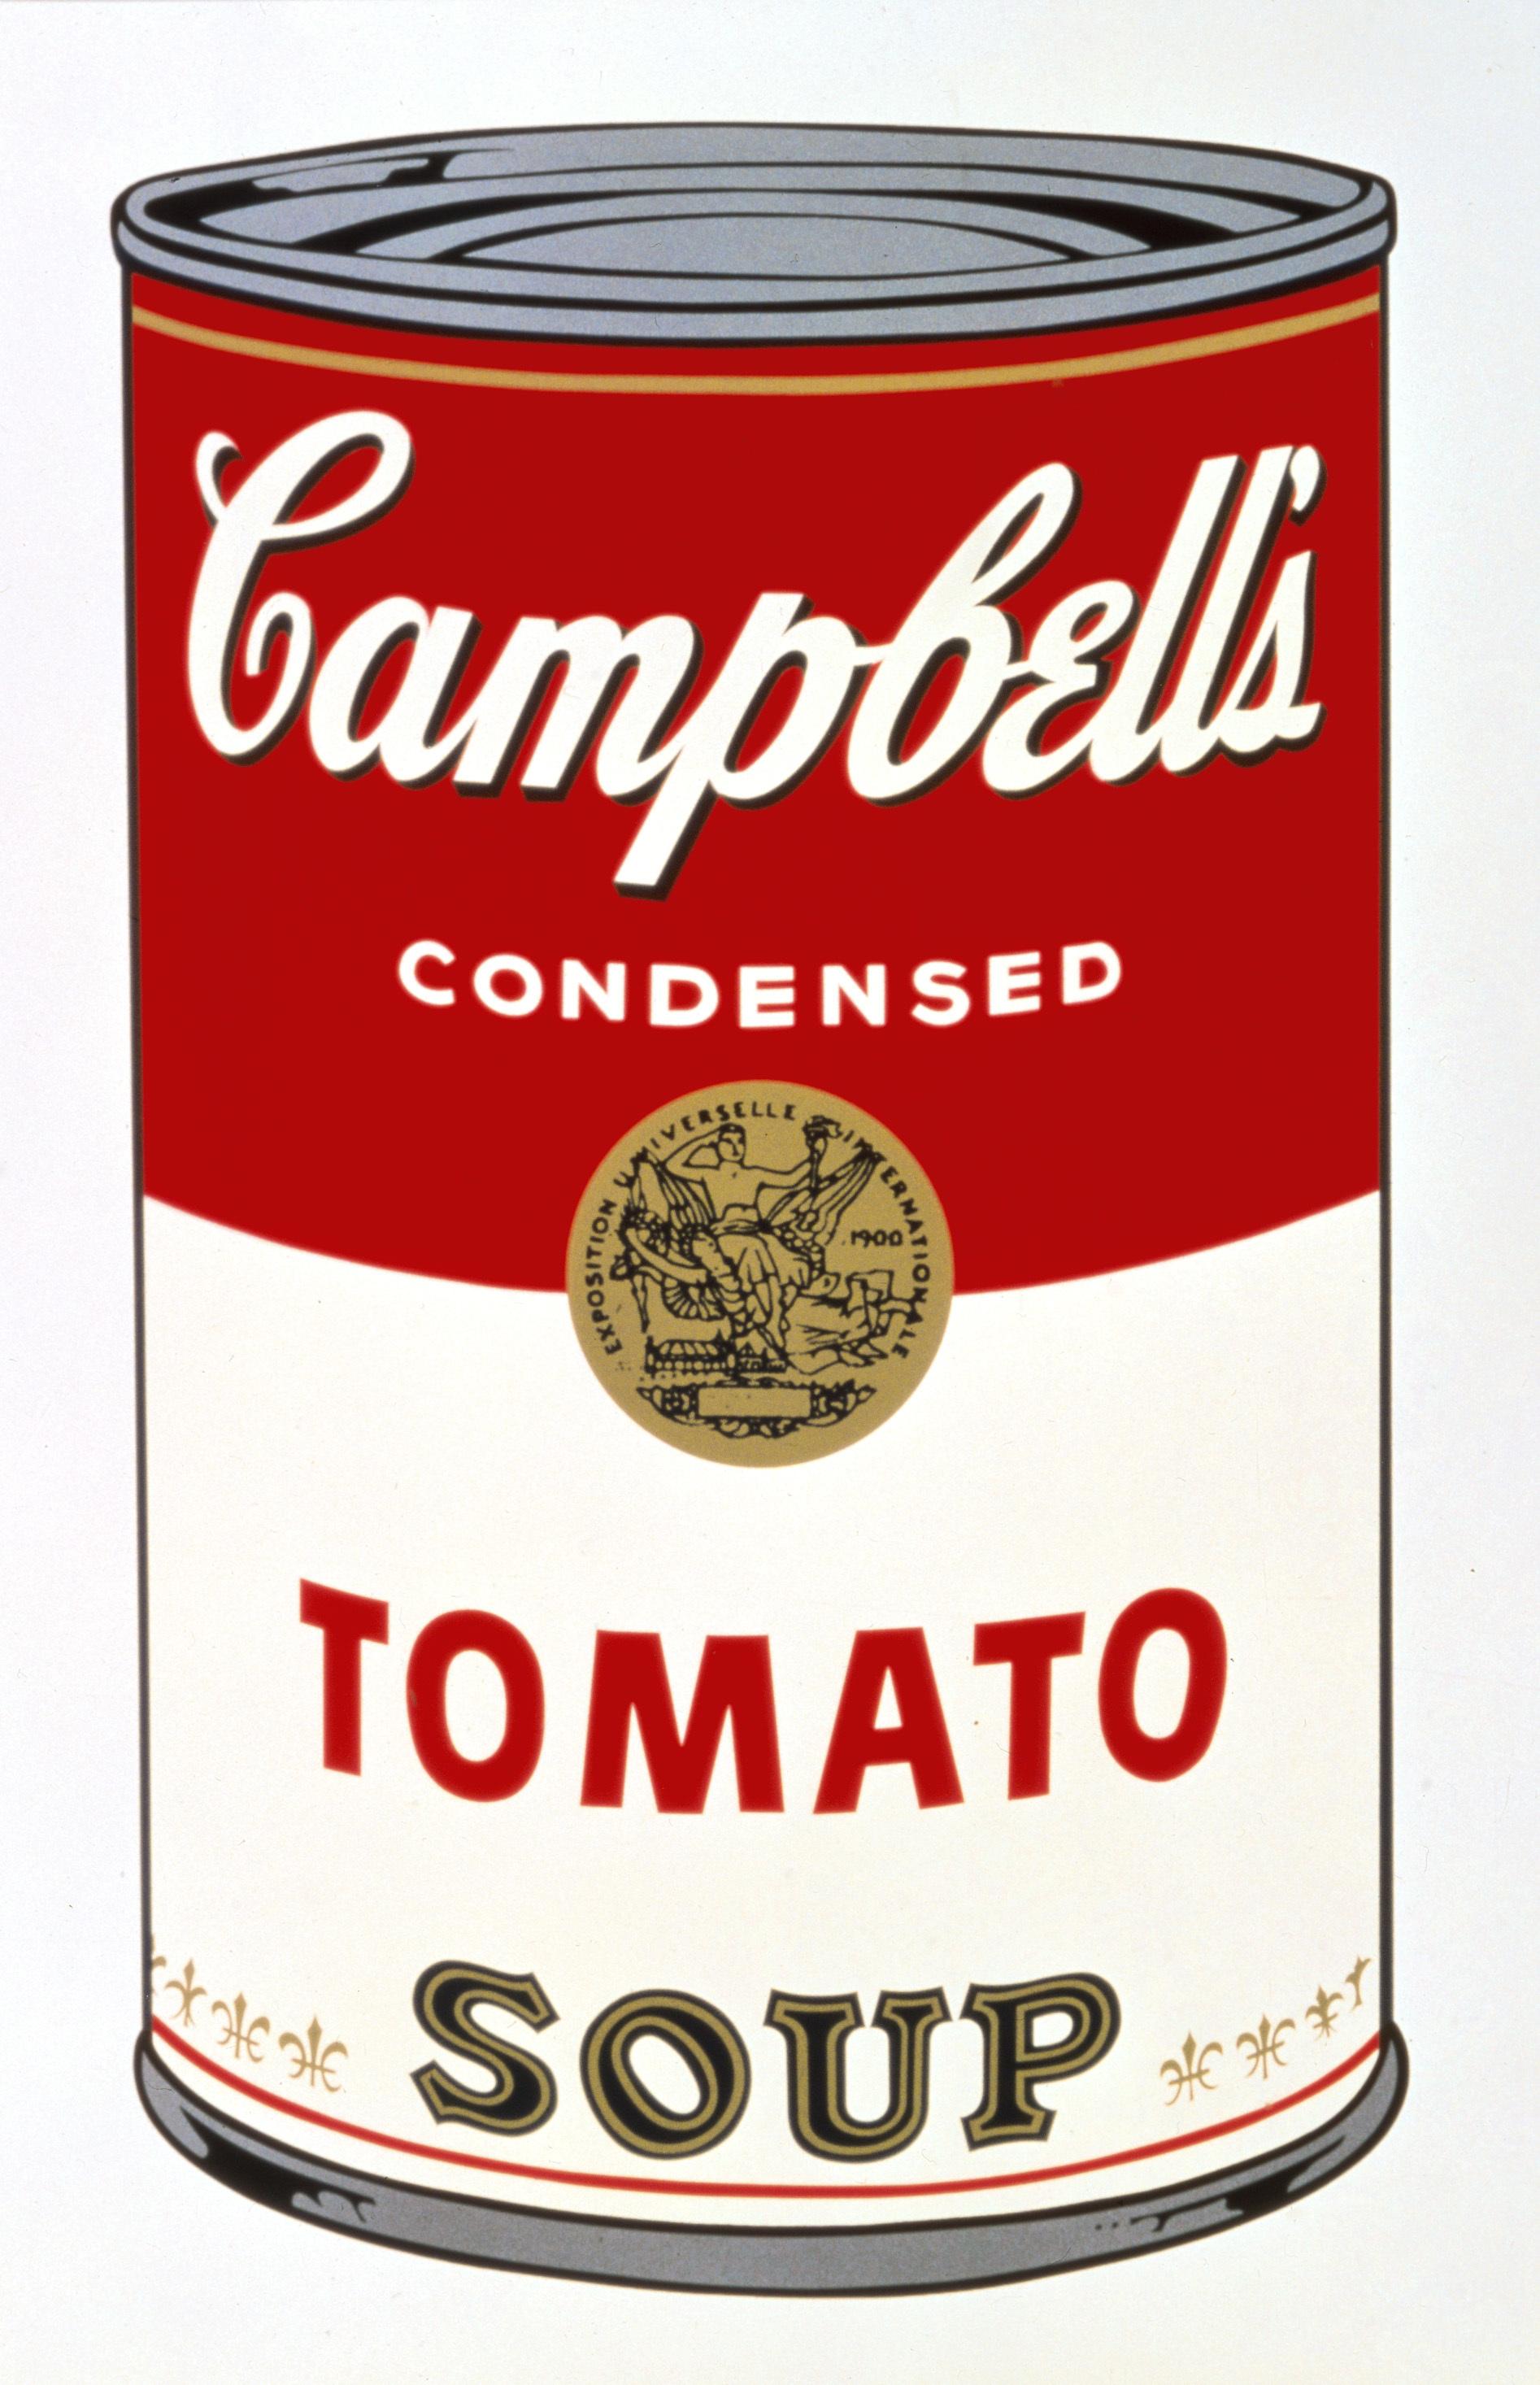 アンディ・ウォーホル 《キャンベル・スープ缶 I:トマト》 1968 年 アンディ・ウォーホル美術館蔵 (C)The Andy Warhol Foundation for the Visual Arts, Inc. / Artists Rights Society (ARS), New York